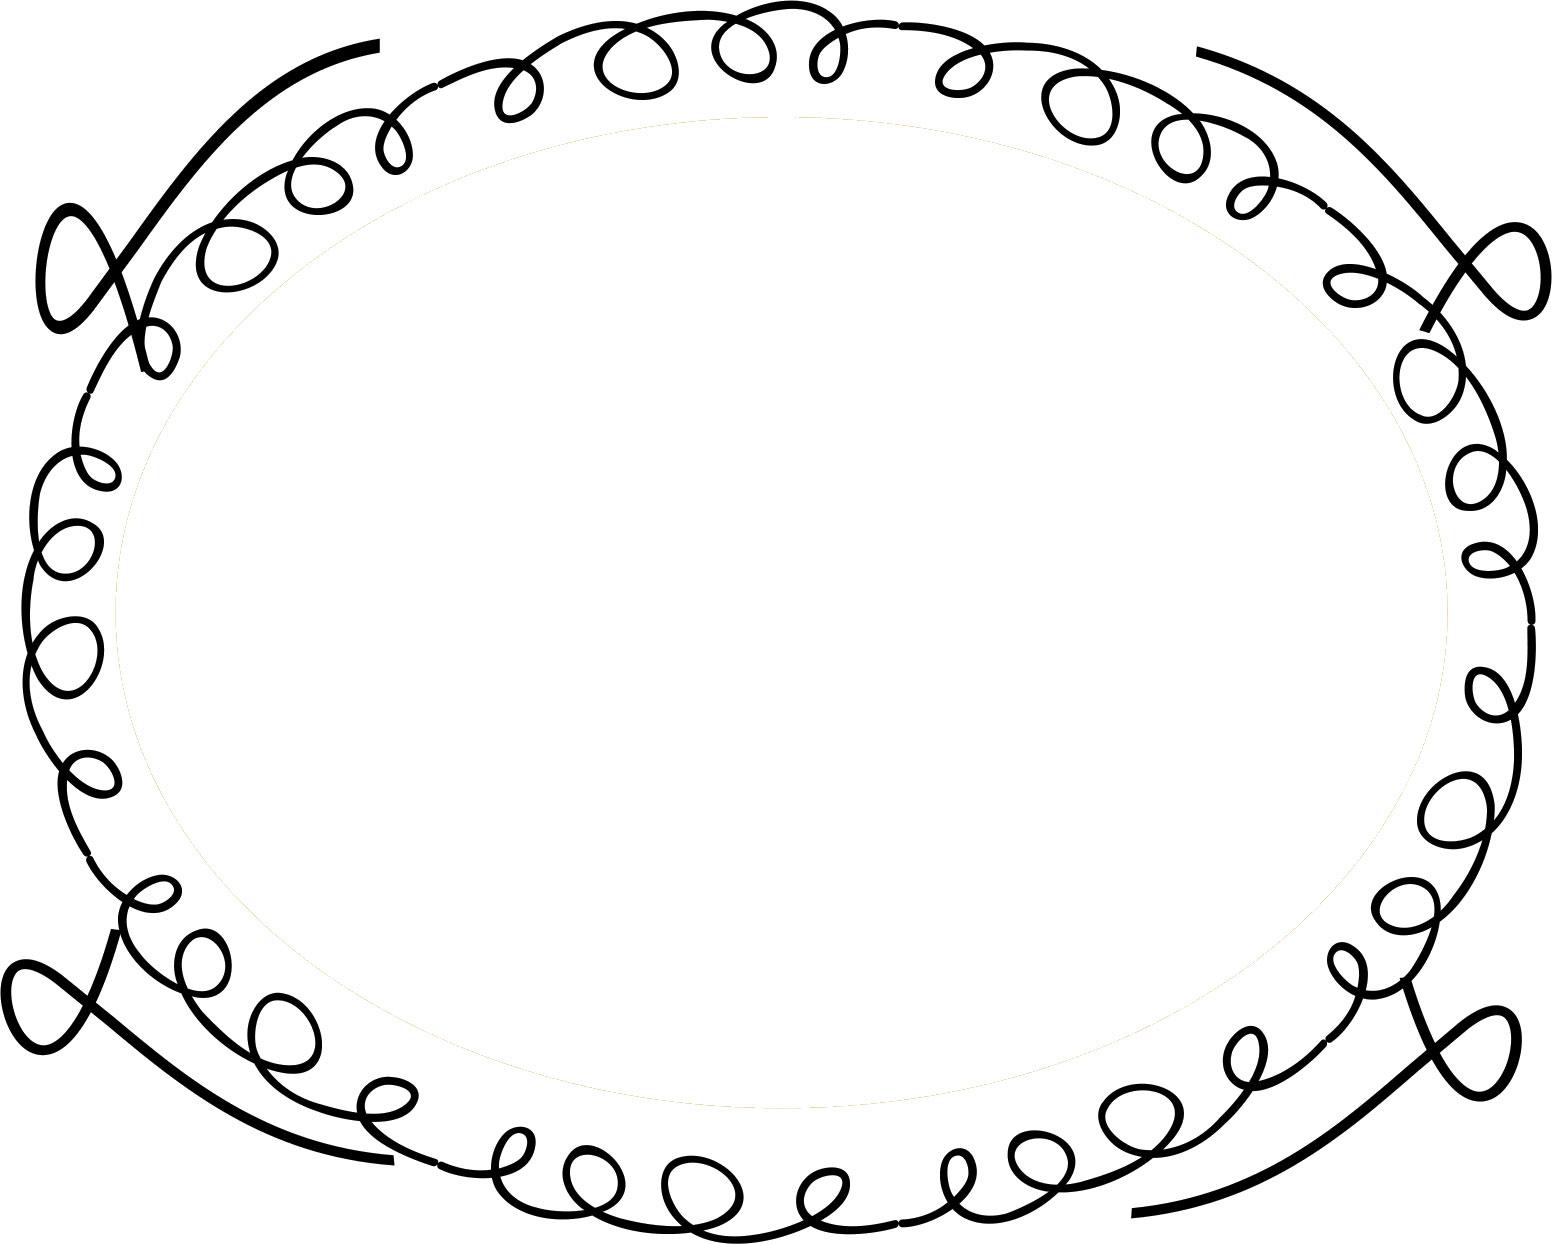 フレーム・囲い枠のイラストno.118『手書き風・ポップフレーム』/無料